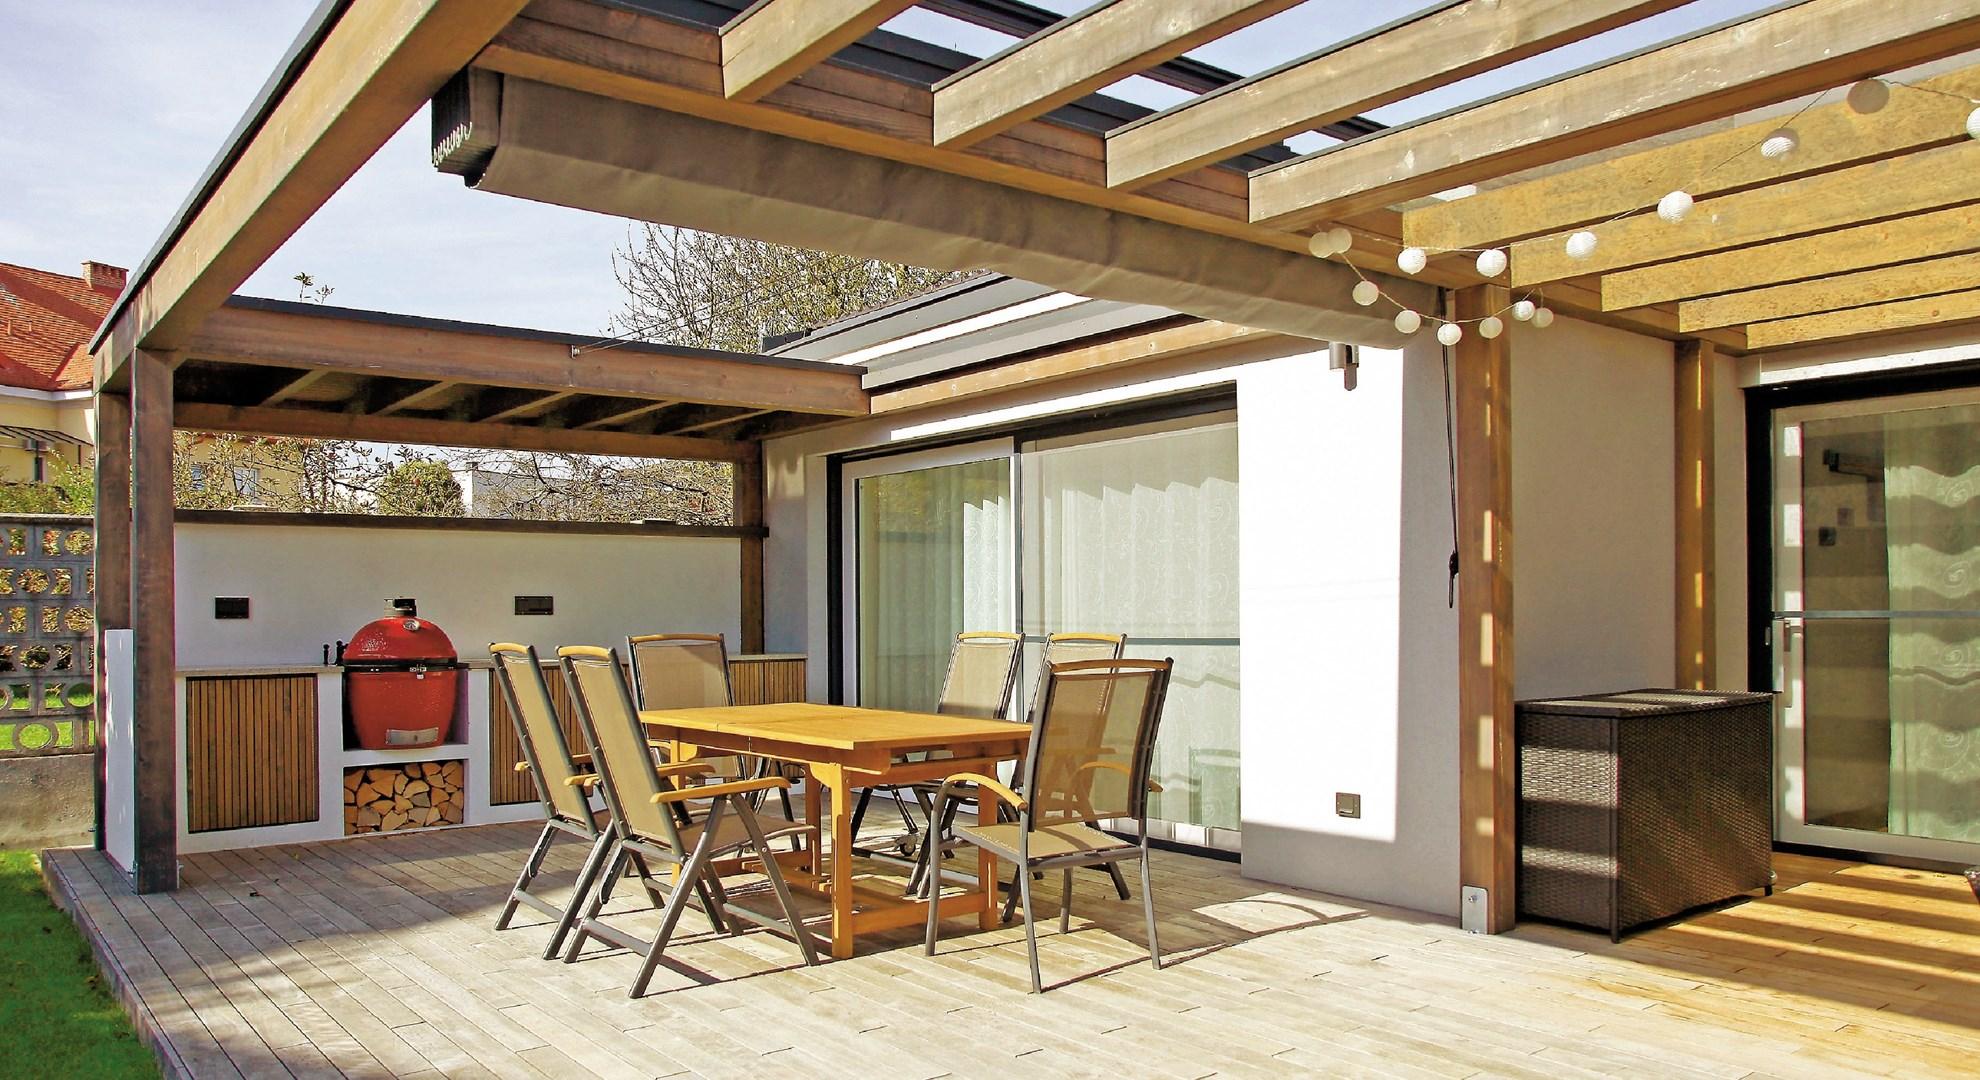 Lesena preobrazba: ljubljanska letna kuhinja z vrtno ložo